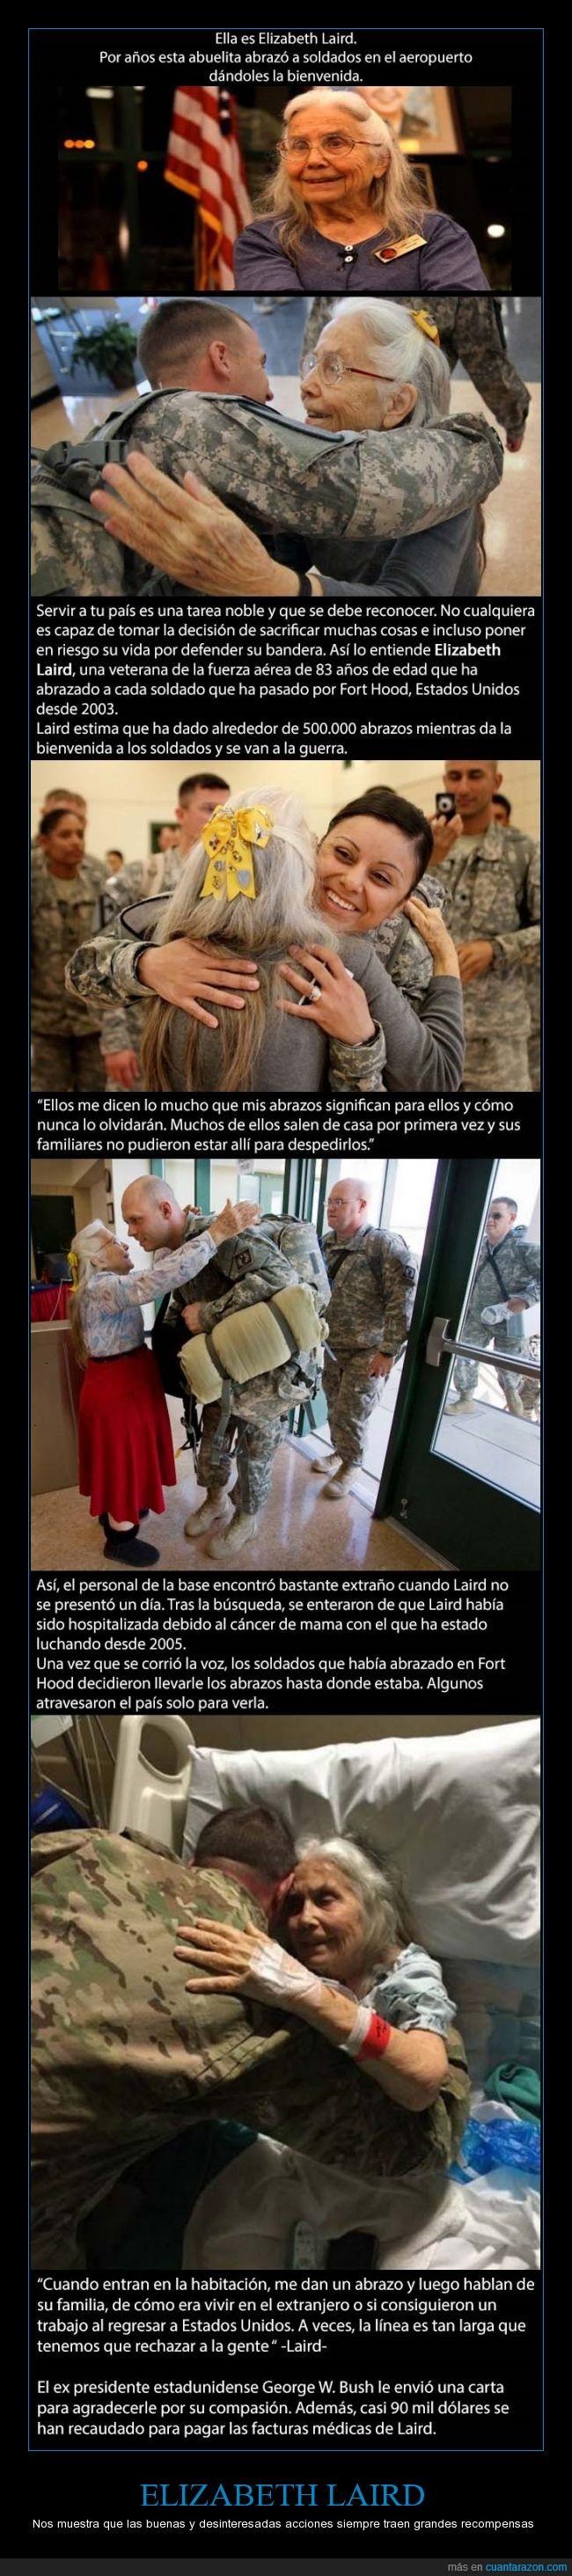 abrazar,acciones,amable,cancer,ELIZABETH LAIRD,hospital,saludar,soldado